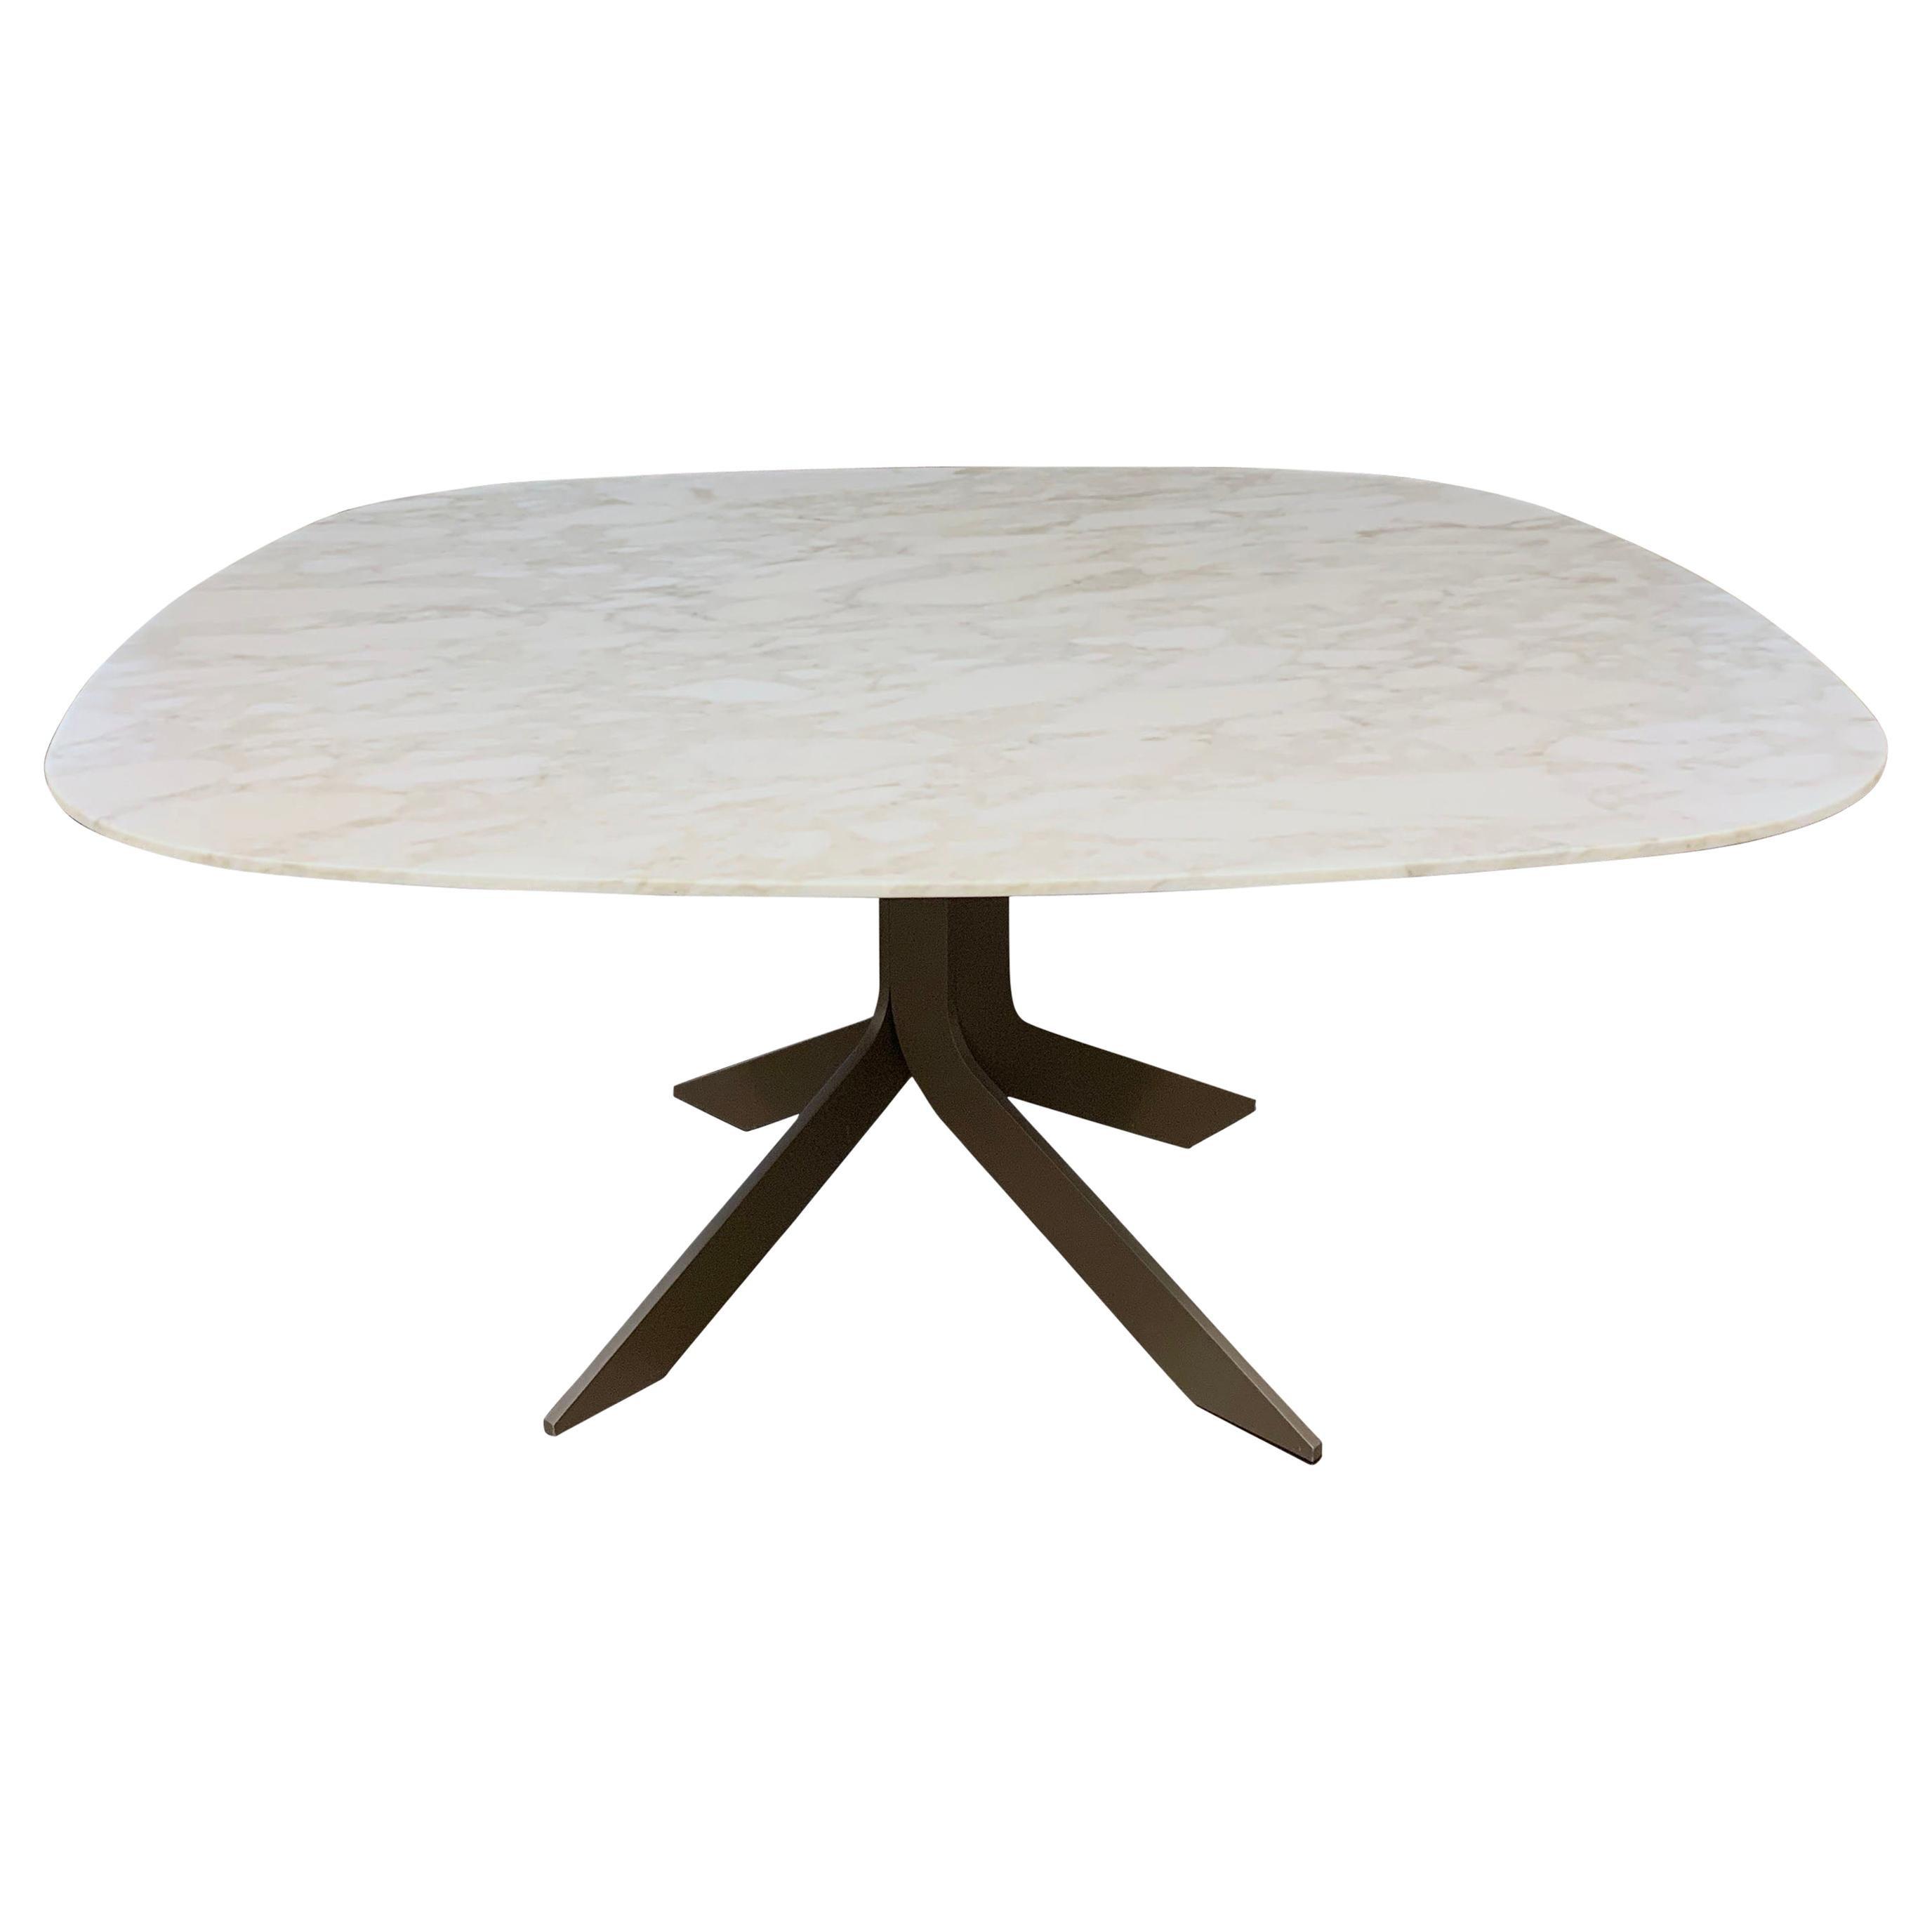 Desalto Iblea Marble Table